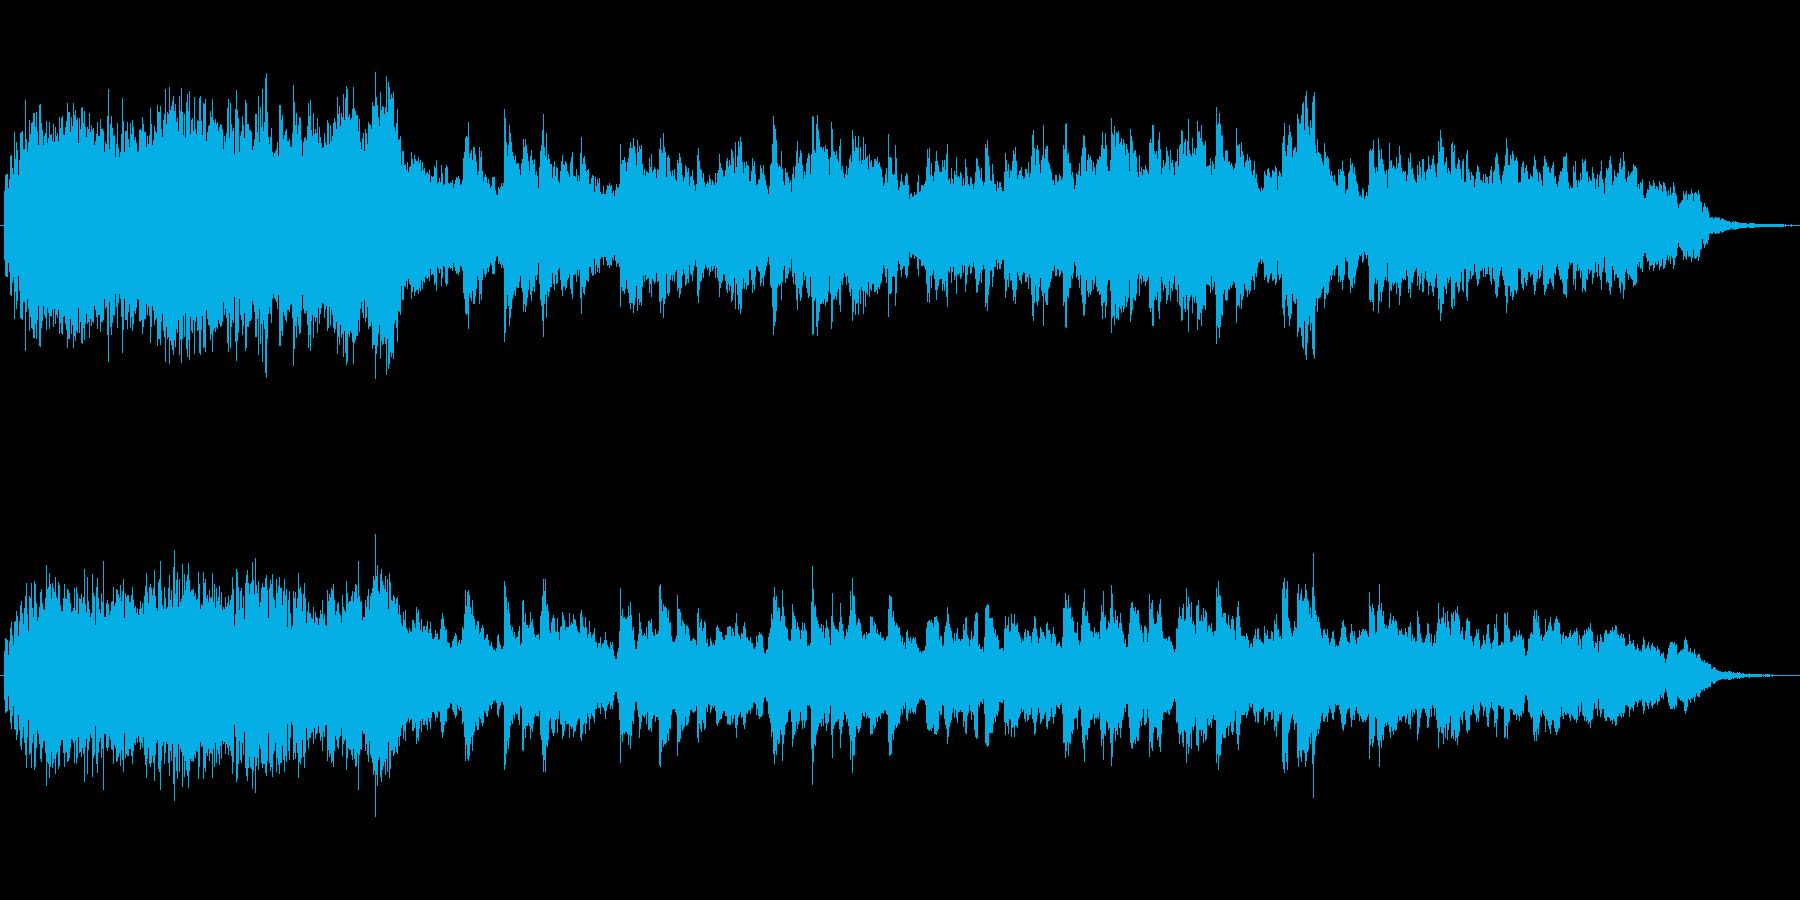 フルートとピアノのメルヘンなBGMの再生済みの波形